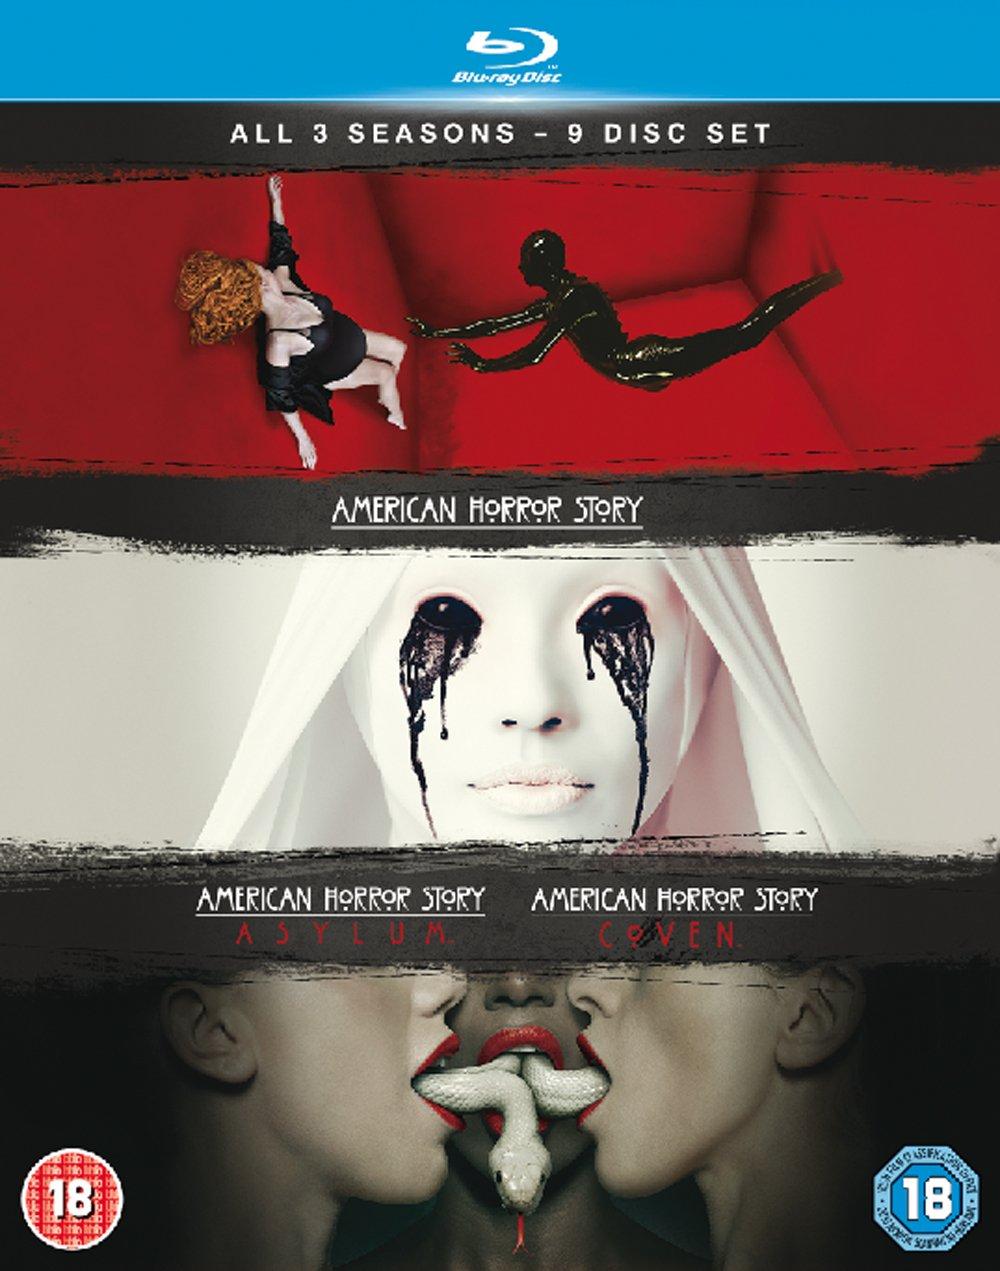 American Horror Story - Series 1-3 - Complete [Edizione: Regno Unito] [Edizione: Regno Unito]